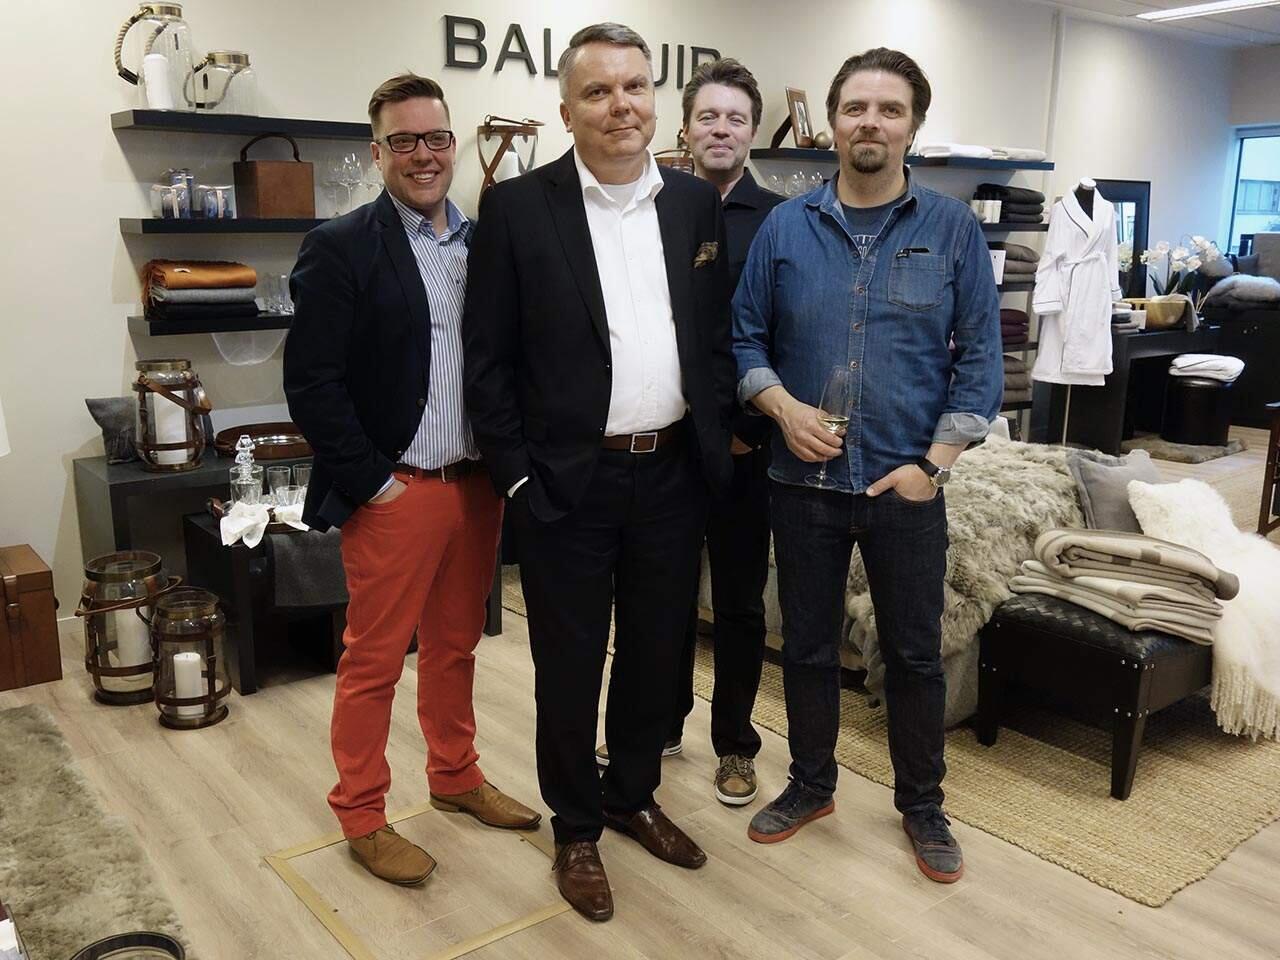 Julkistamistilaisuudessa Joona Vuorenpään (edessä) toiveiden mukaan suunnitteleman kellon osti mm. kelloseppä Stepan Sarpaneva (oikealla). Kellon myynnistä vastaa Kiviaika Oy:n yrittäjä Jussi Kivistö (vasemmalla).